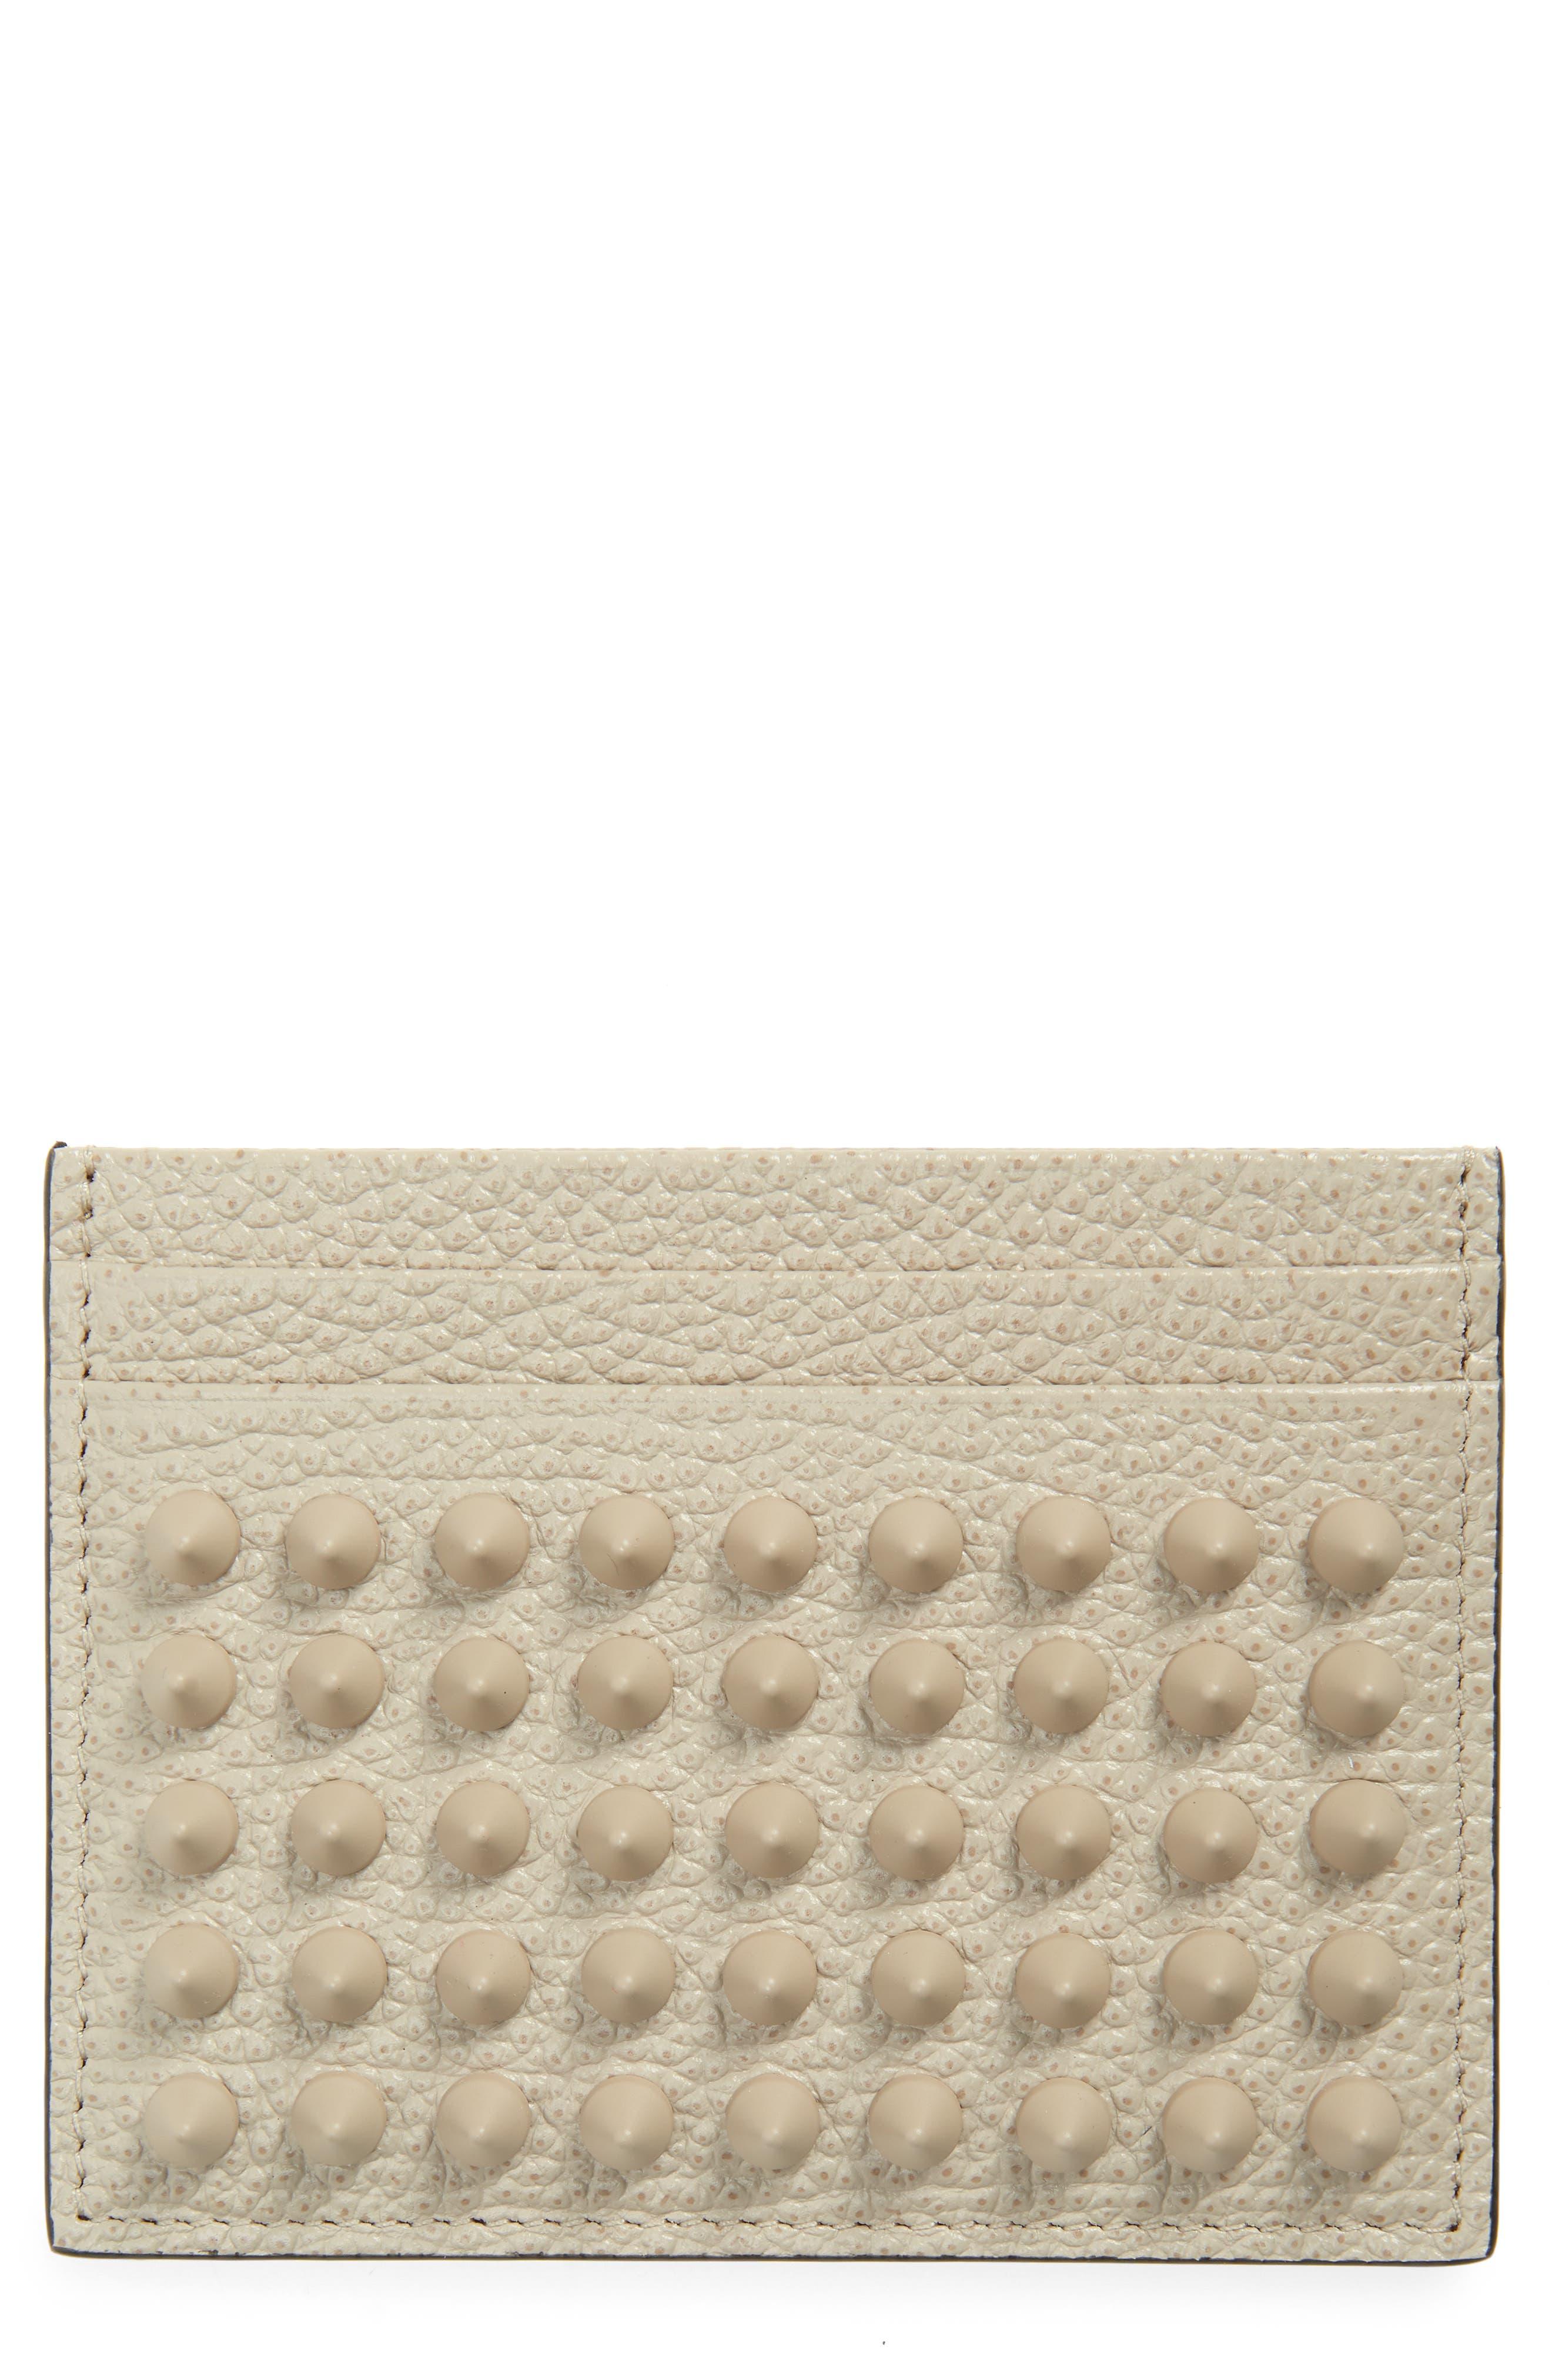 Kios Spikes Calfskin Leather Card Case